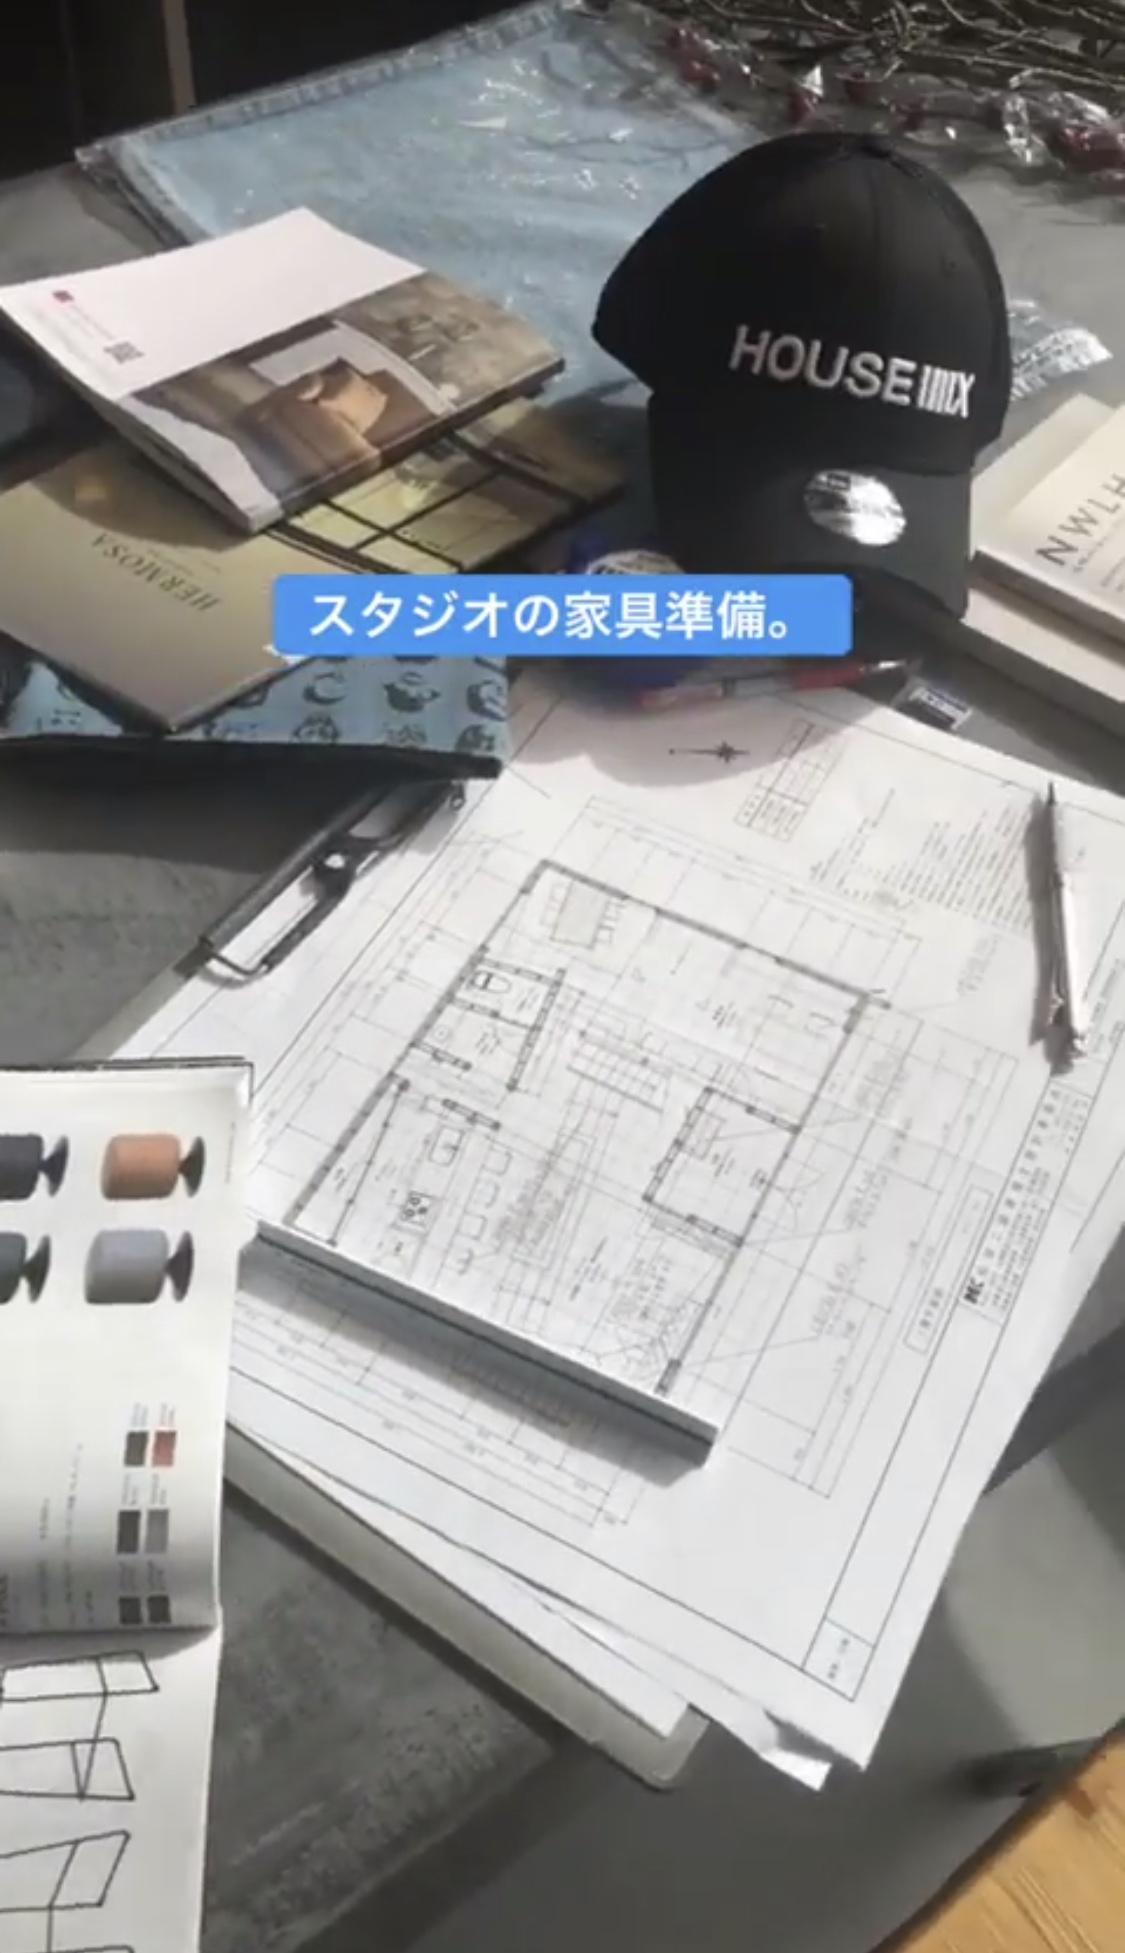 山梨県の工務店、未来建築工房とつくる注文住宅。|スタジオオープン準備